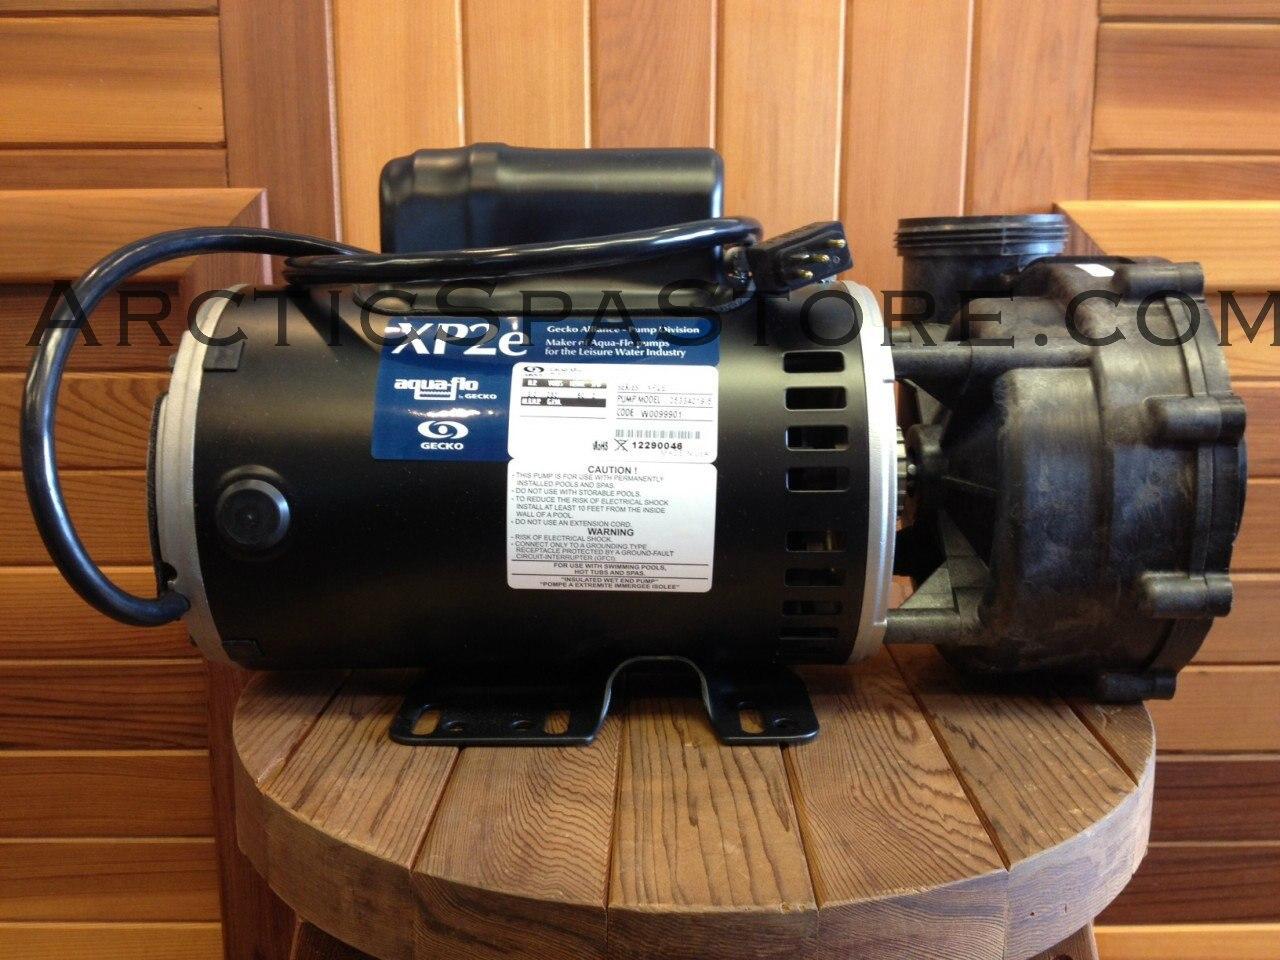 Whitewater Spa Pump Wiring Diagram - Case 580 B Wiring Diagram Free Picture  - controlwiring.yenpancane.jeanjaures37.fr | Whitewater Spa Pump Wiring Diagram |  | Wiring Diagram Resource